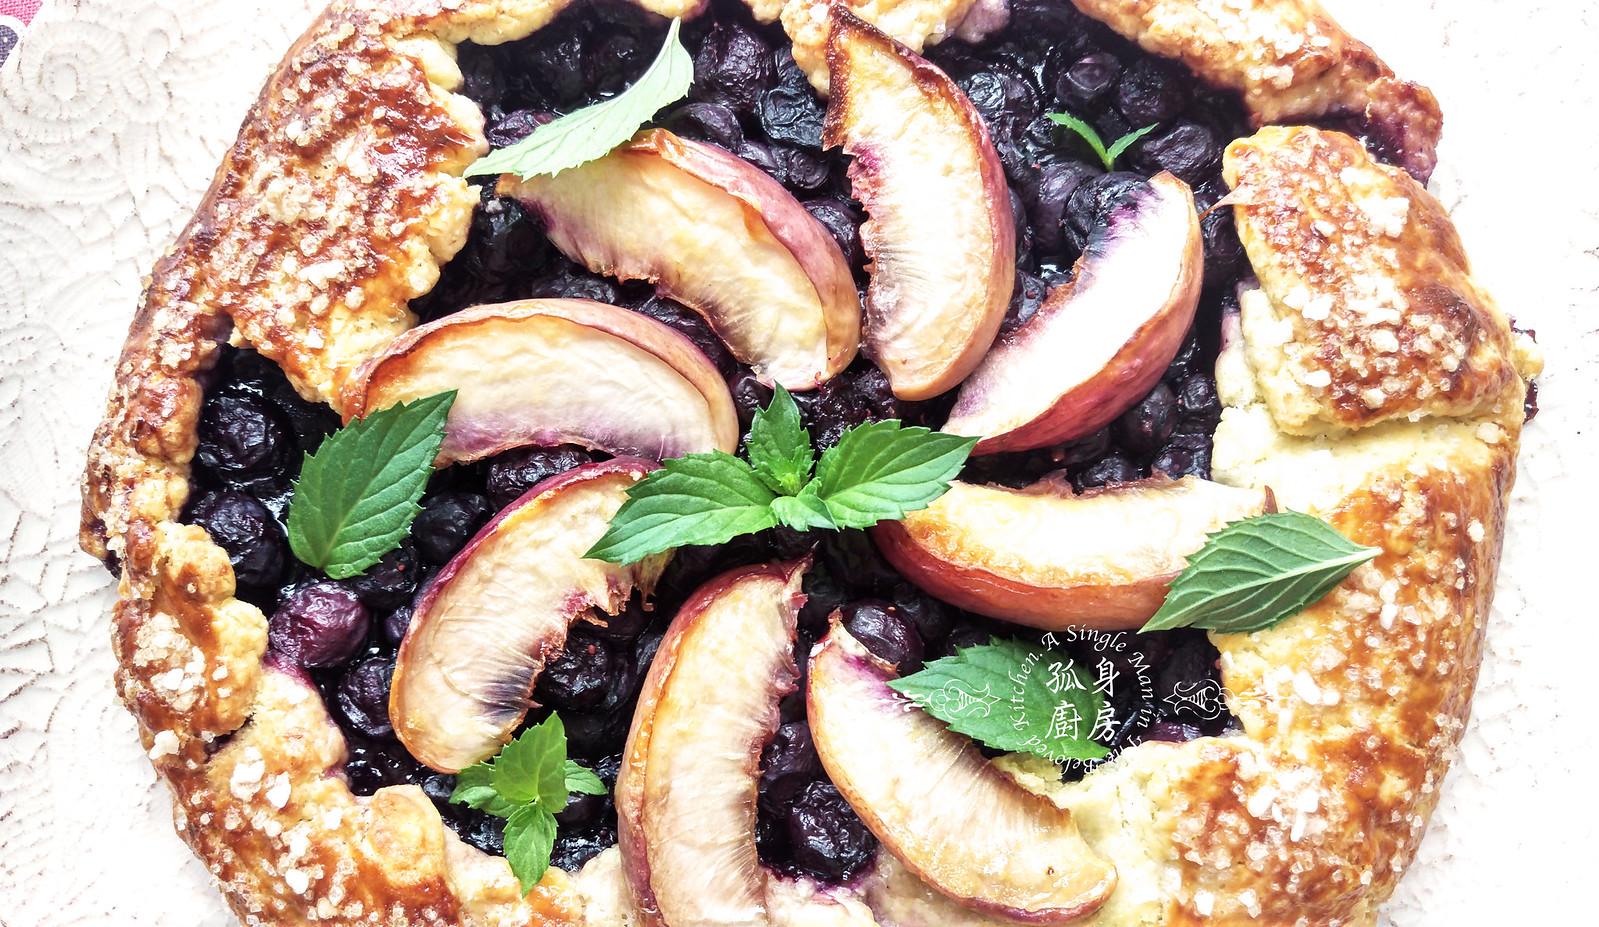 孤身廚房-藍莓甜桃法式烘餅Blueberry-Nectarin Galette31